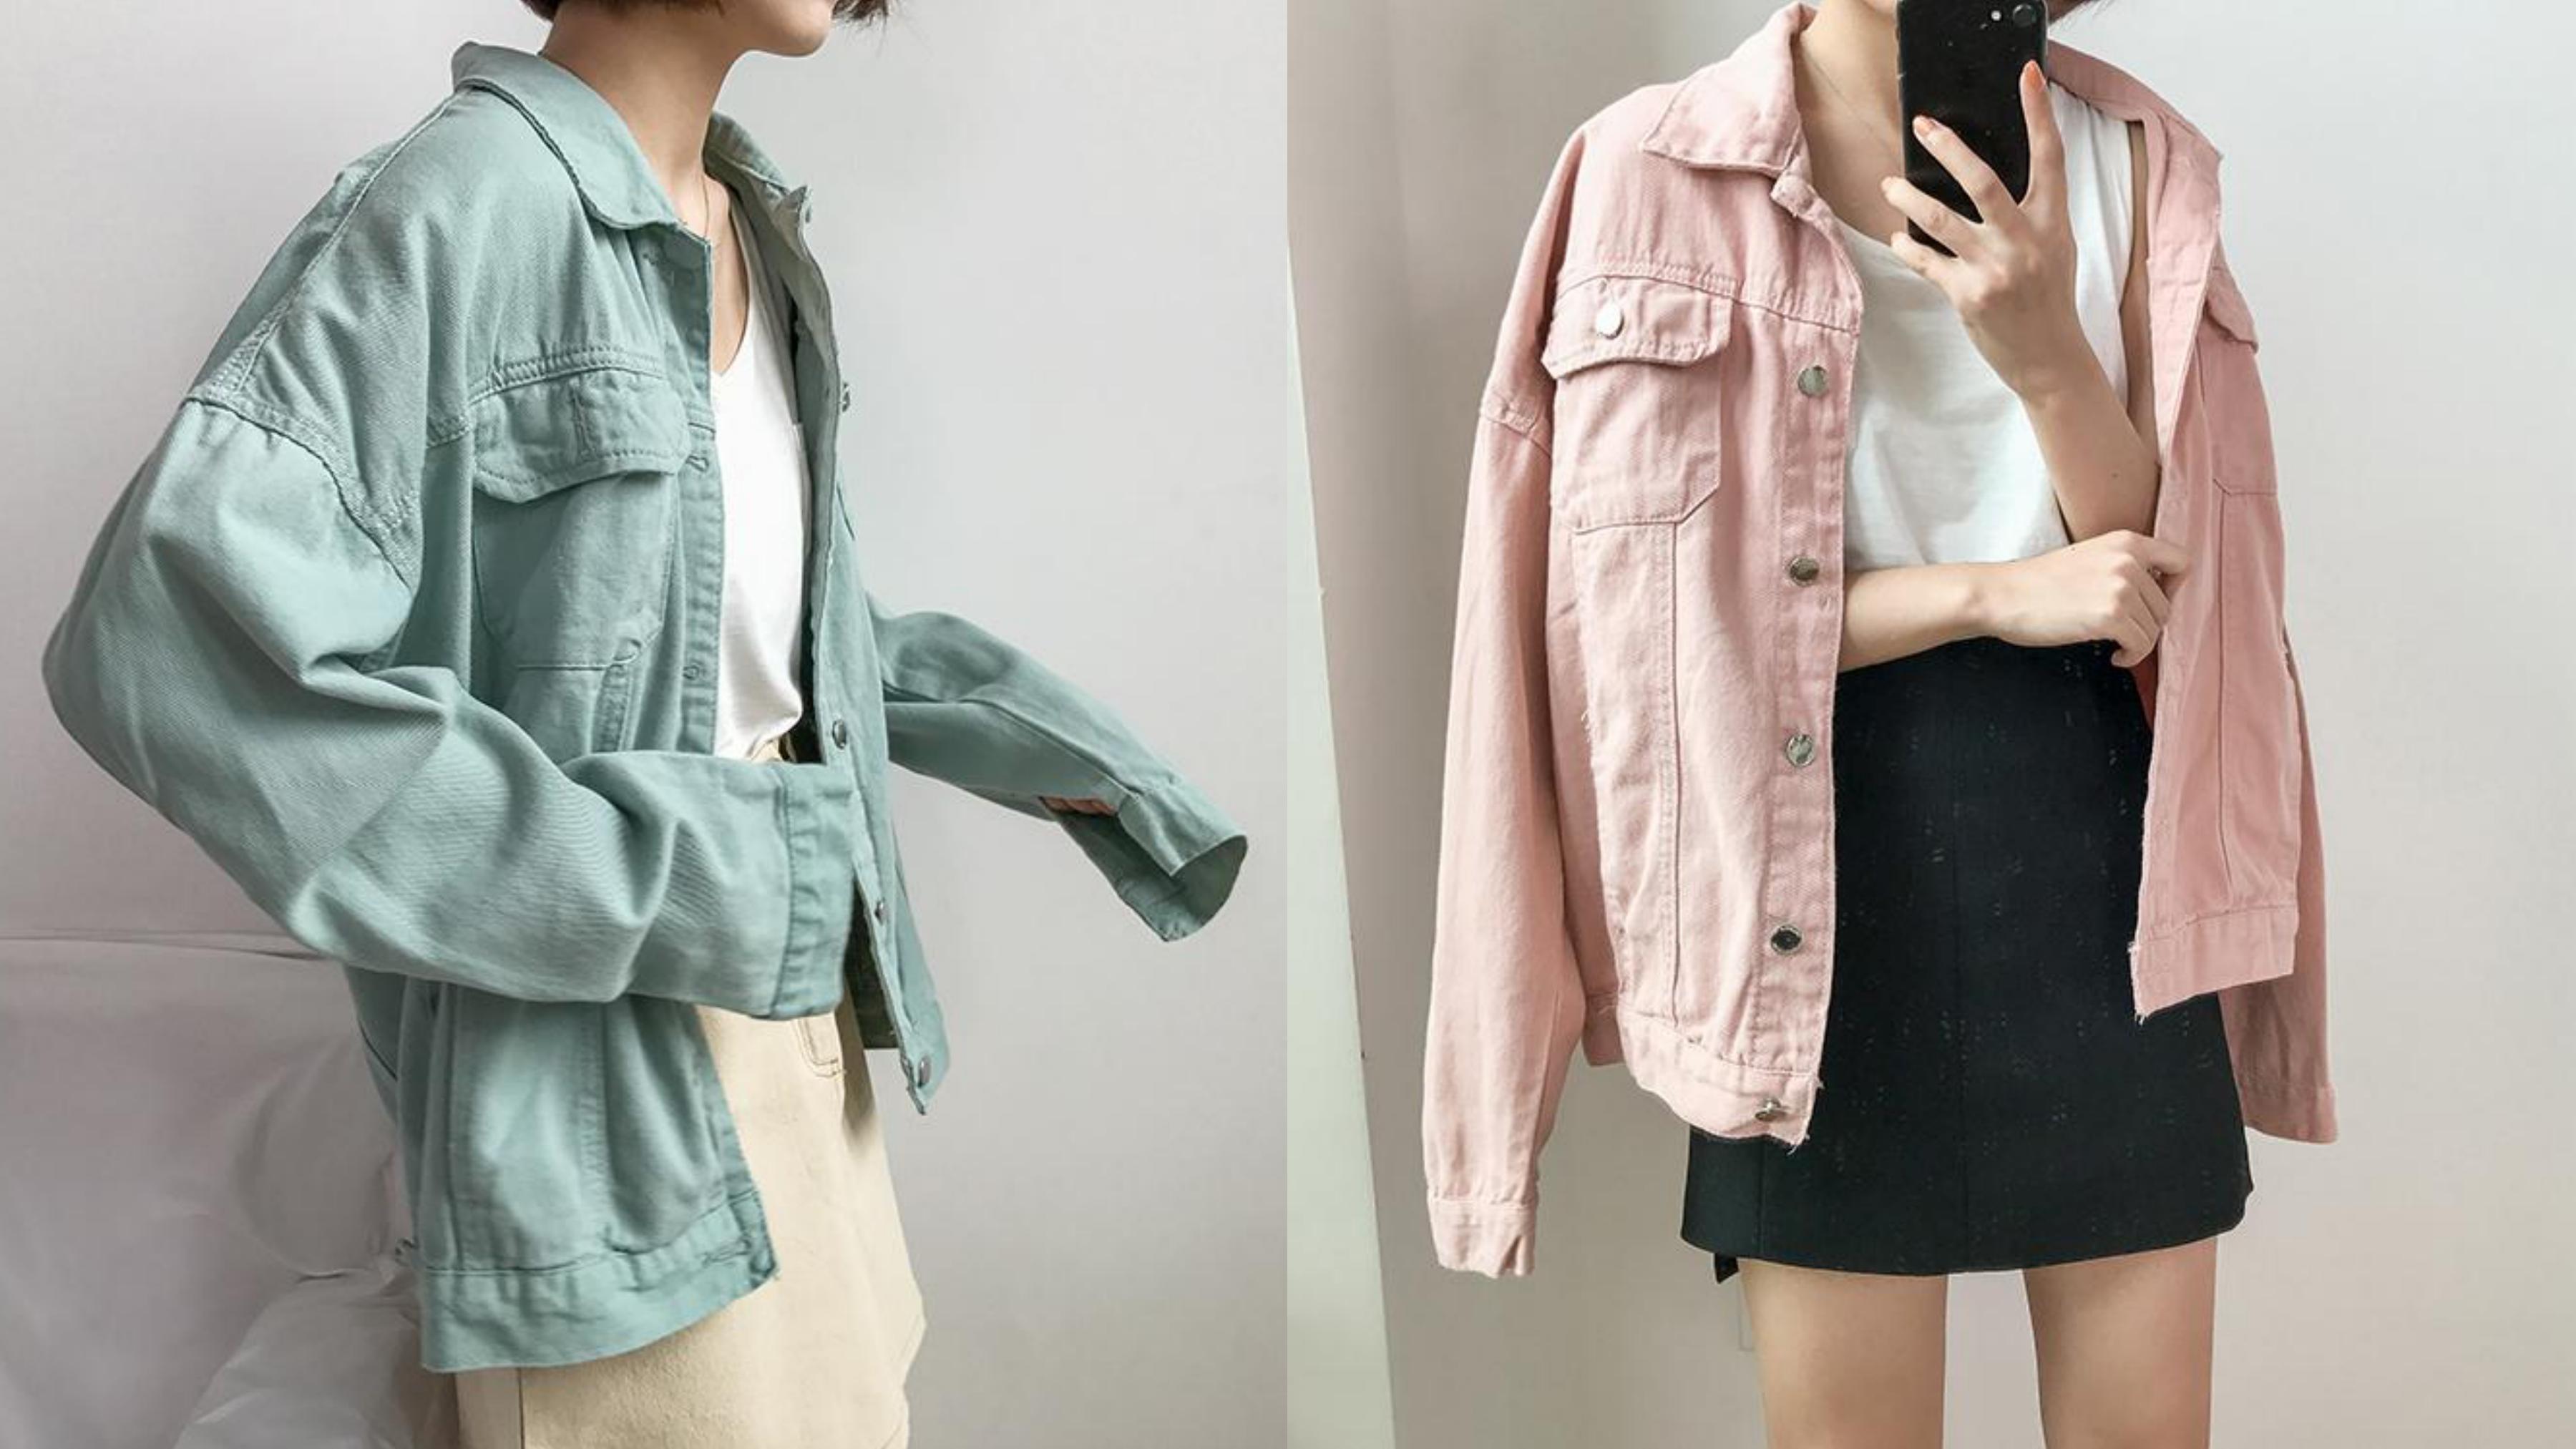 專屬春夏的馬卡龍色調,讓穿搭更增添一股甜美亮麗的氣息